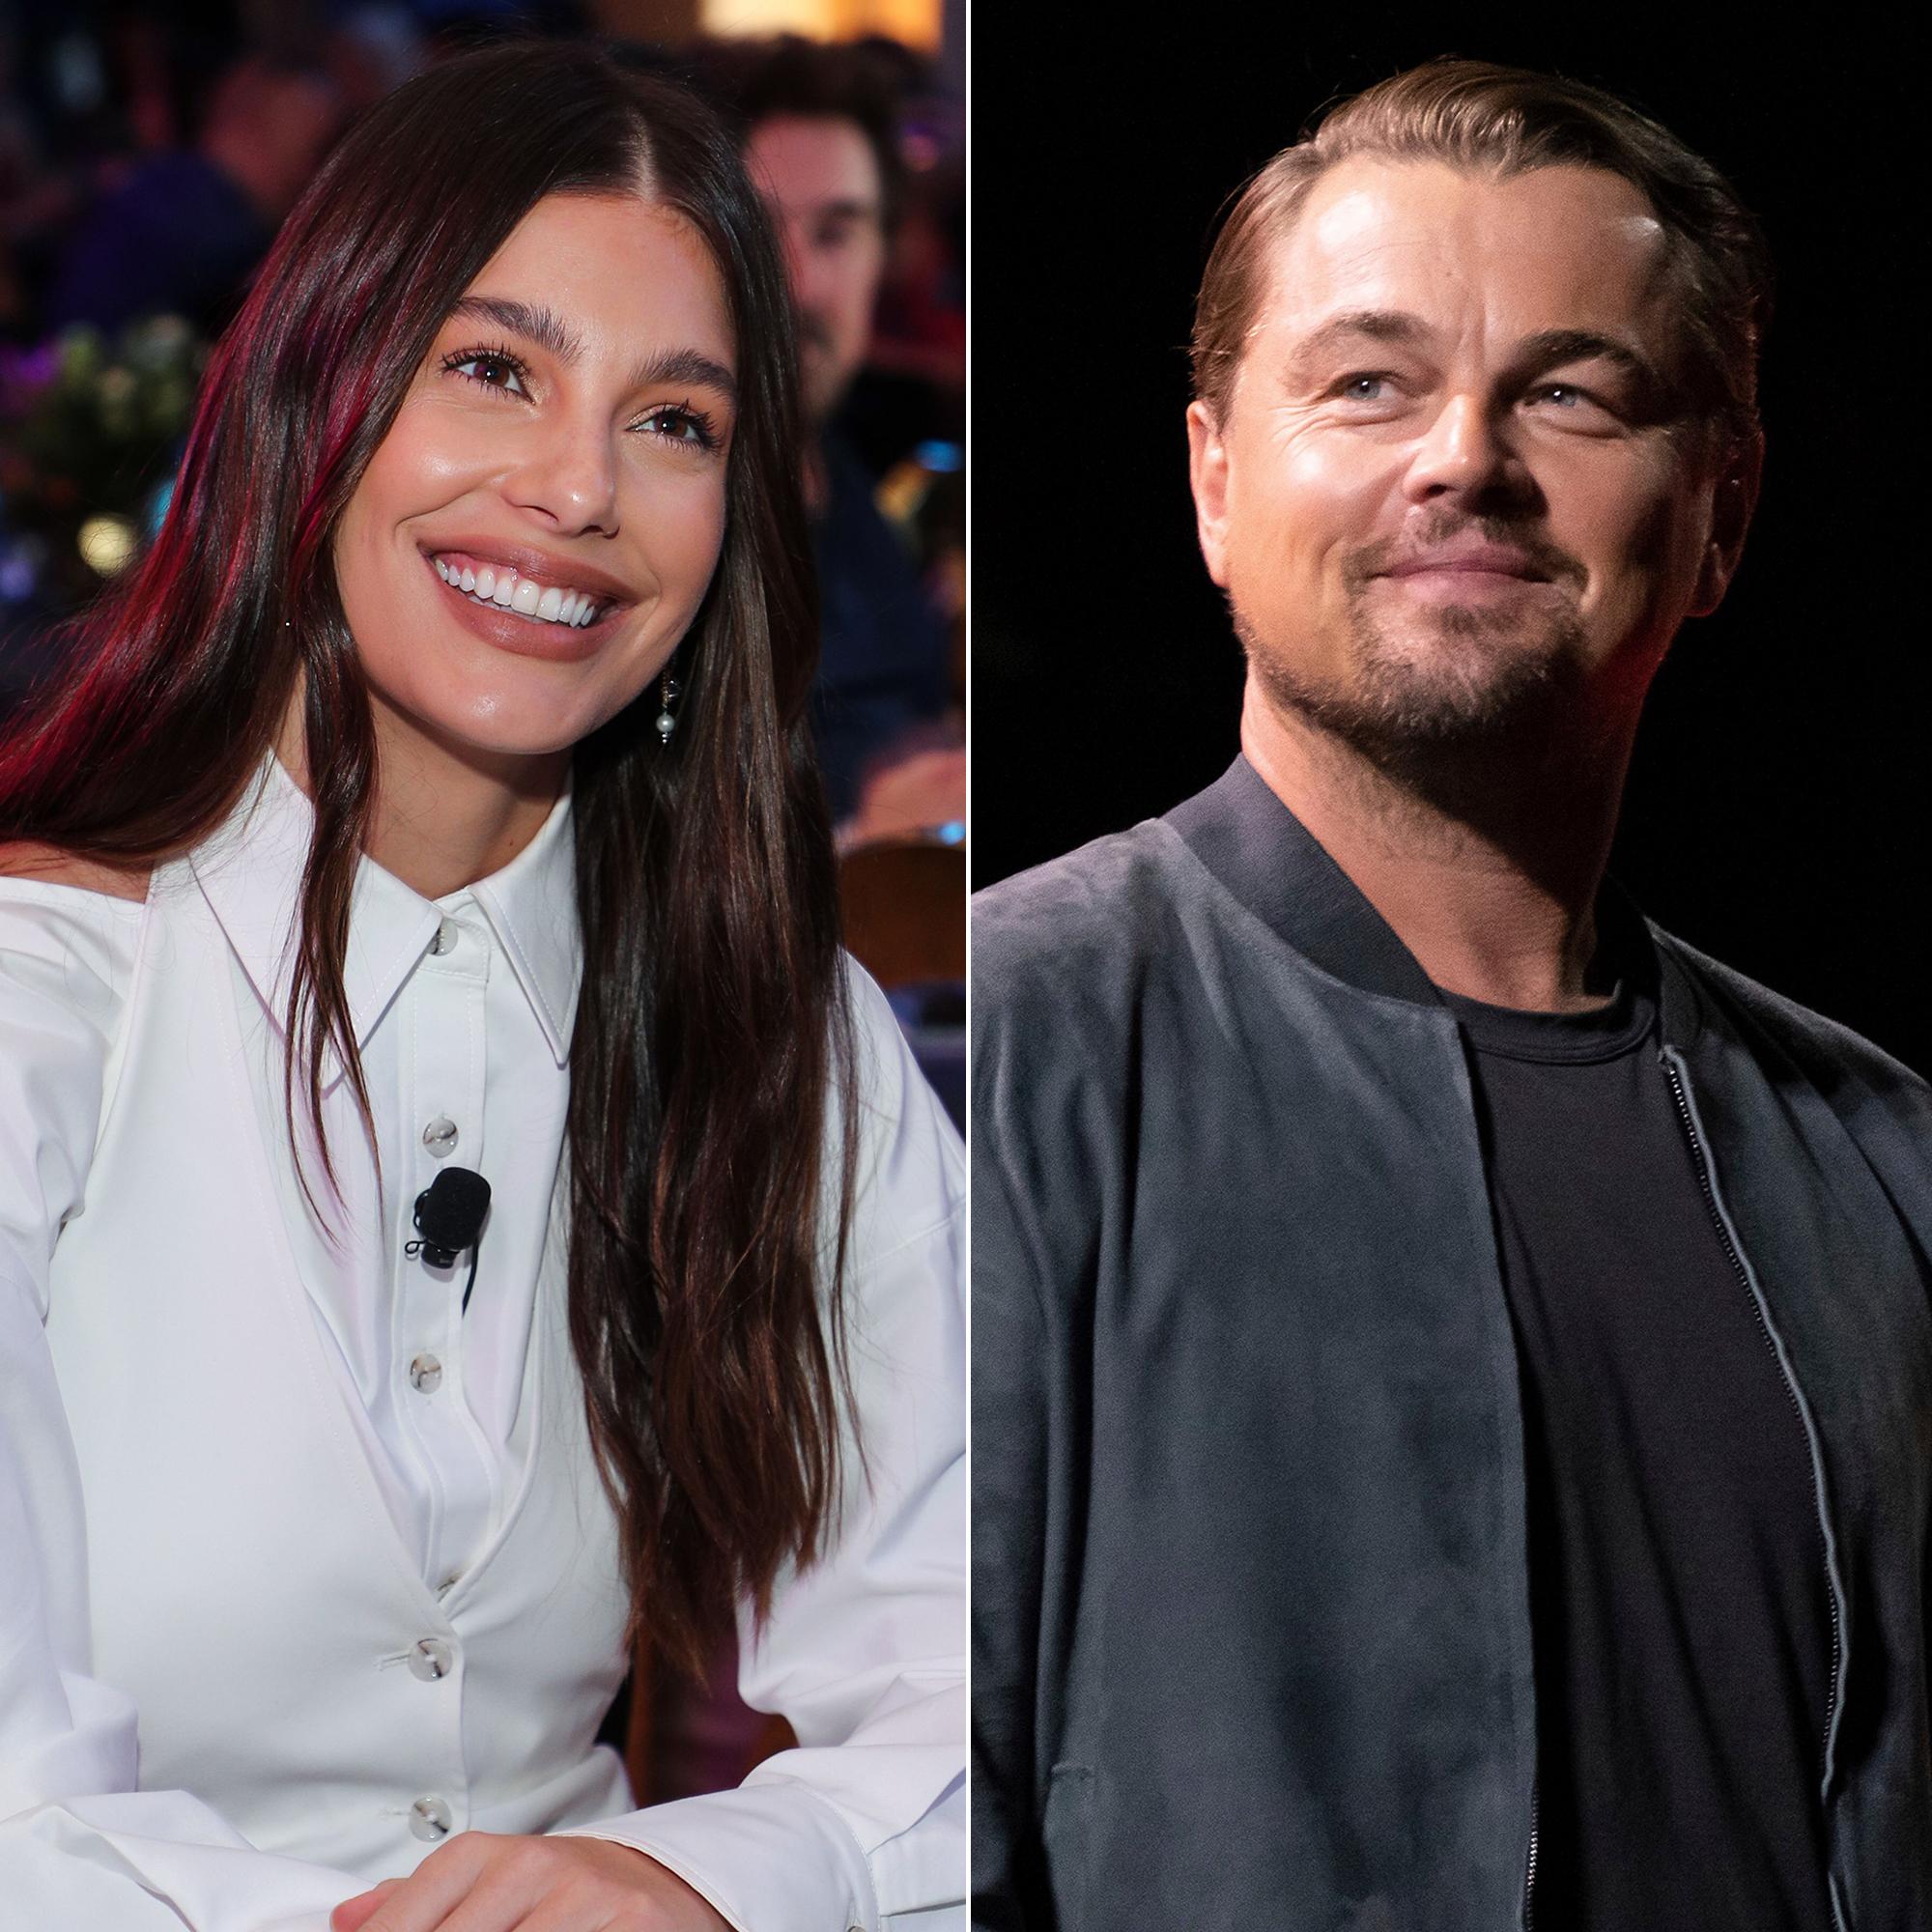 Camila Morrone Addresses Her Major Age Gap With Leonardo DiCaprio